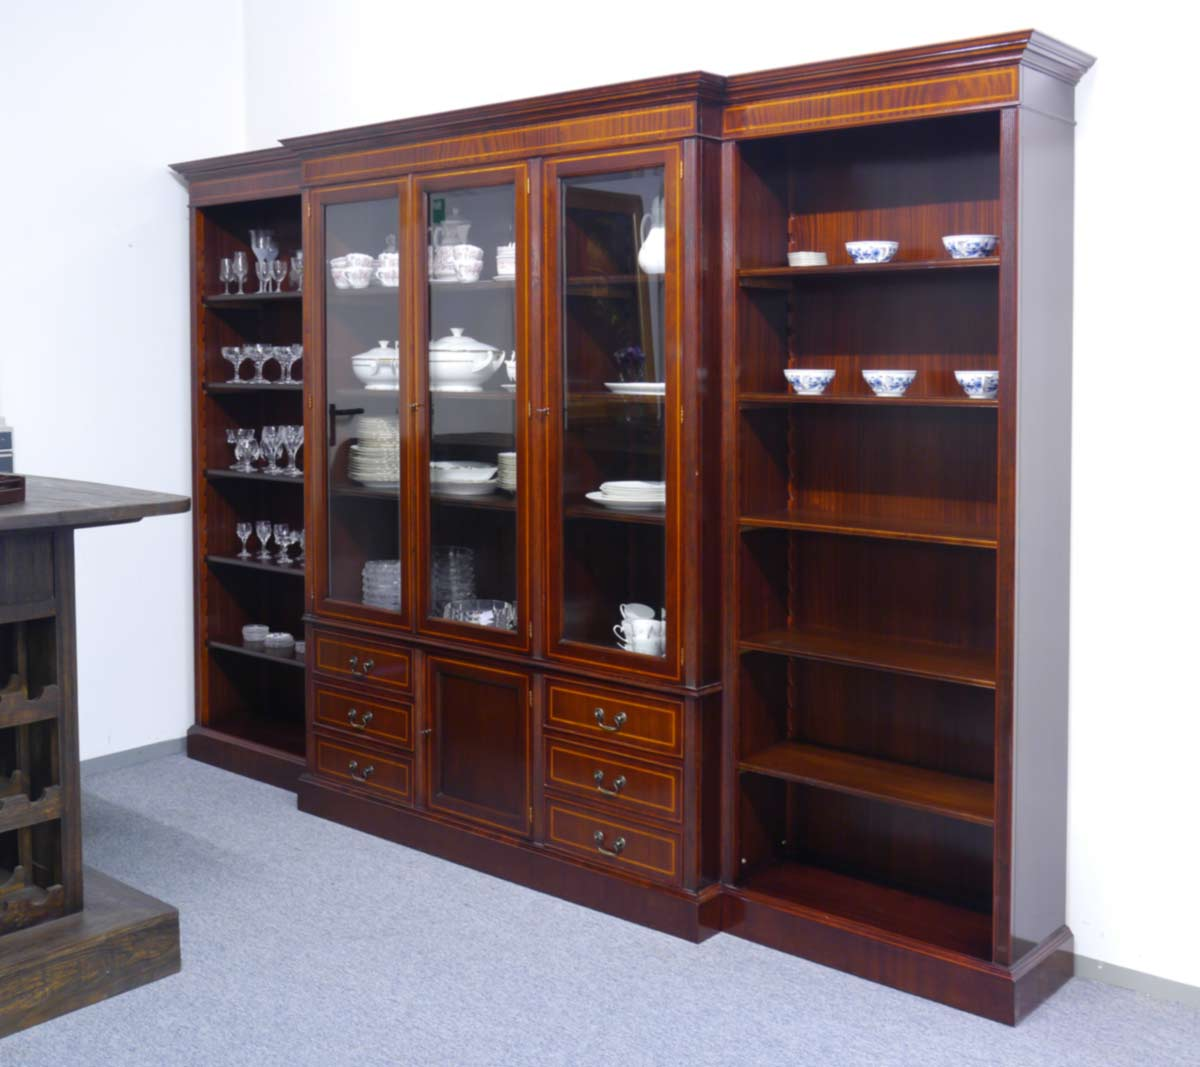 Bücherregal im englischen Stil aus Mahagoni furniert